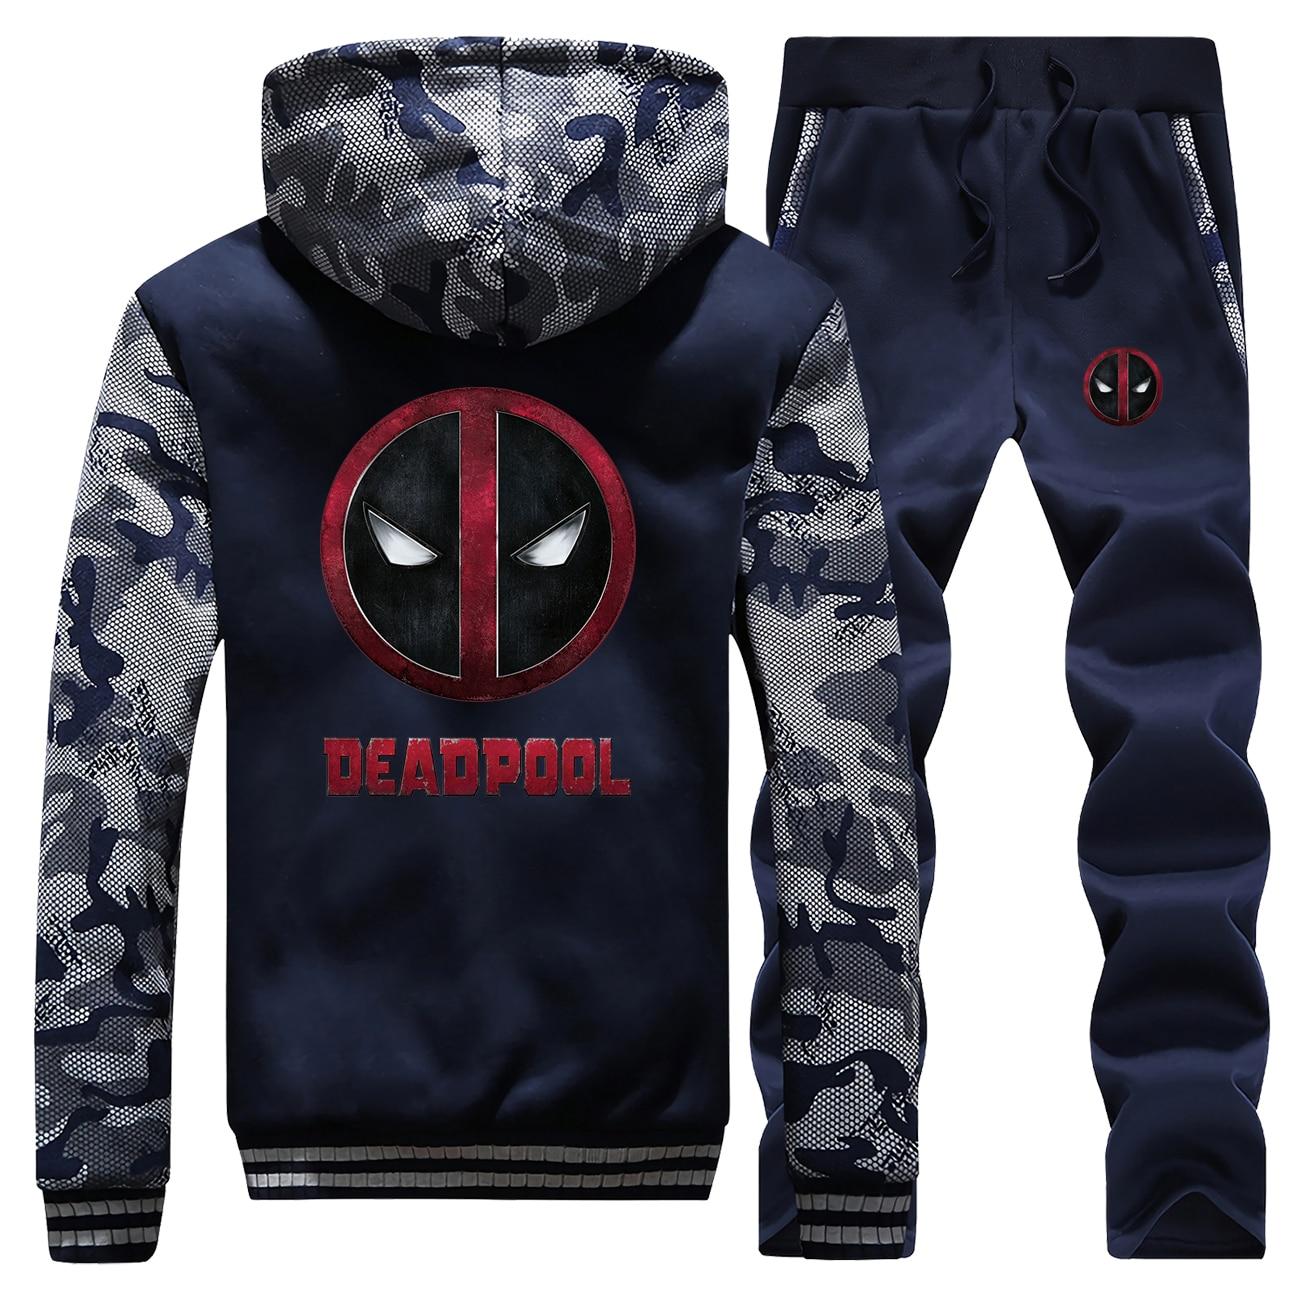 Hoodies Deadpool Pant Set Men Tracksuit Coat Sweatshirt Sweatpants Winter Thick Fleece Jacket Camo Plus Size Sets Two Piece Pant